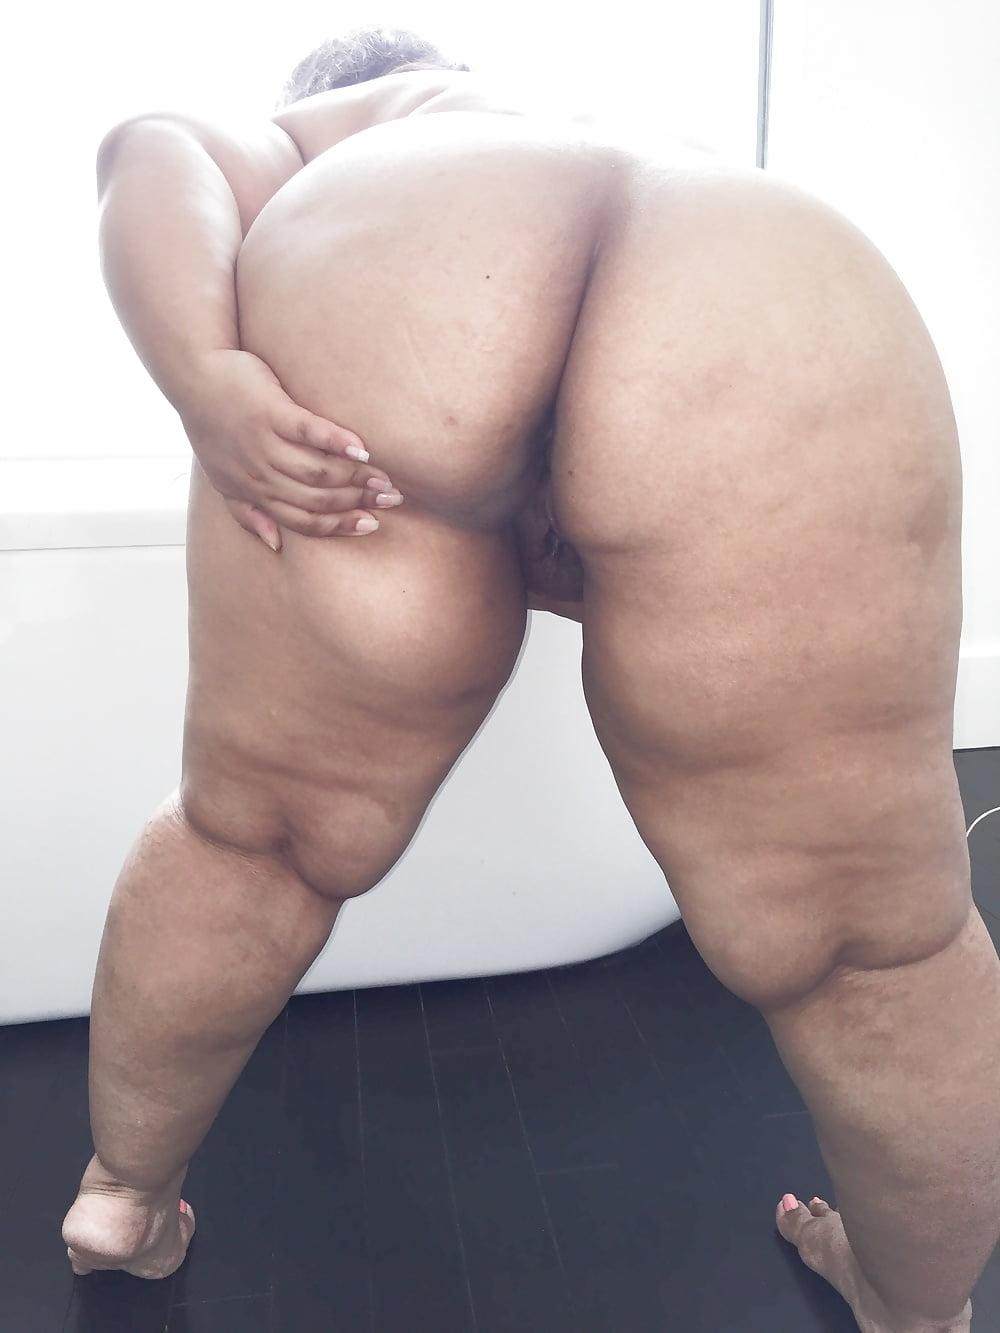 Nicki minaj ass